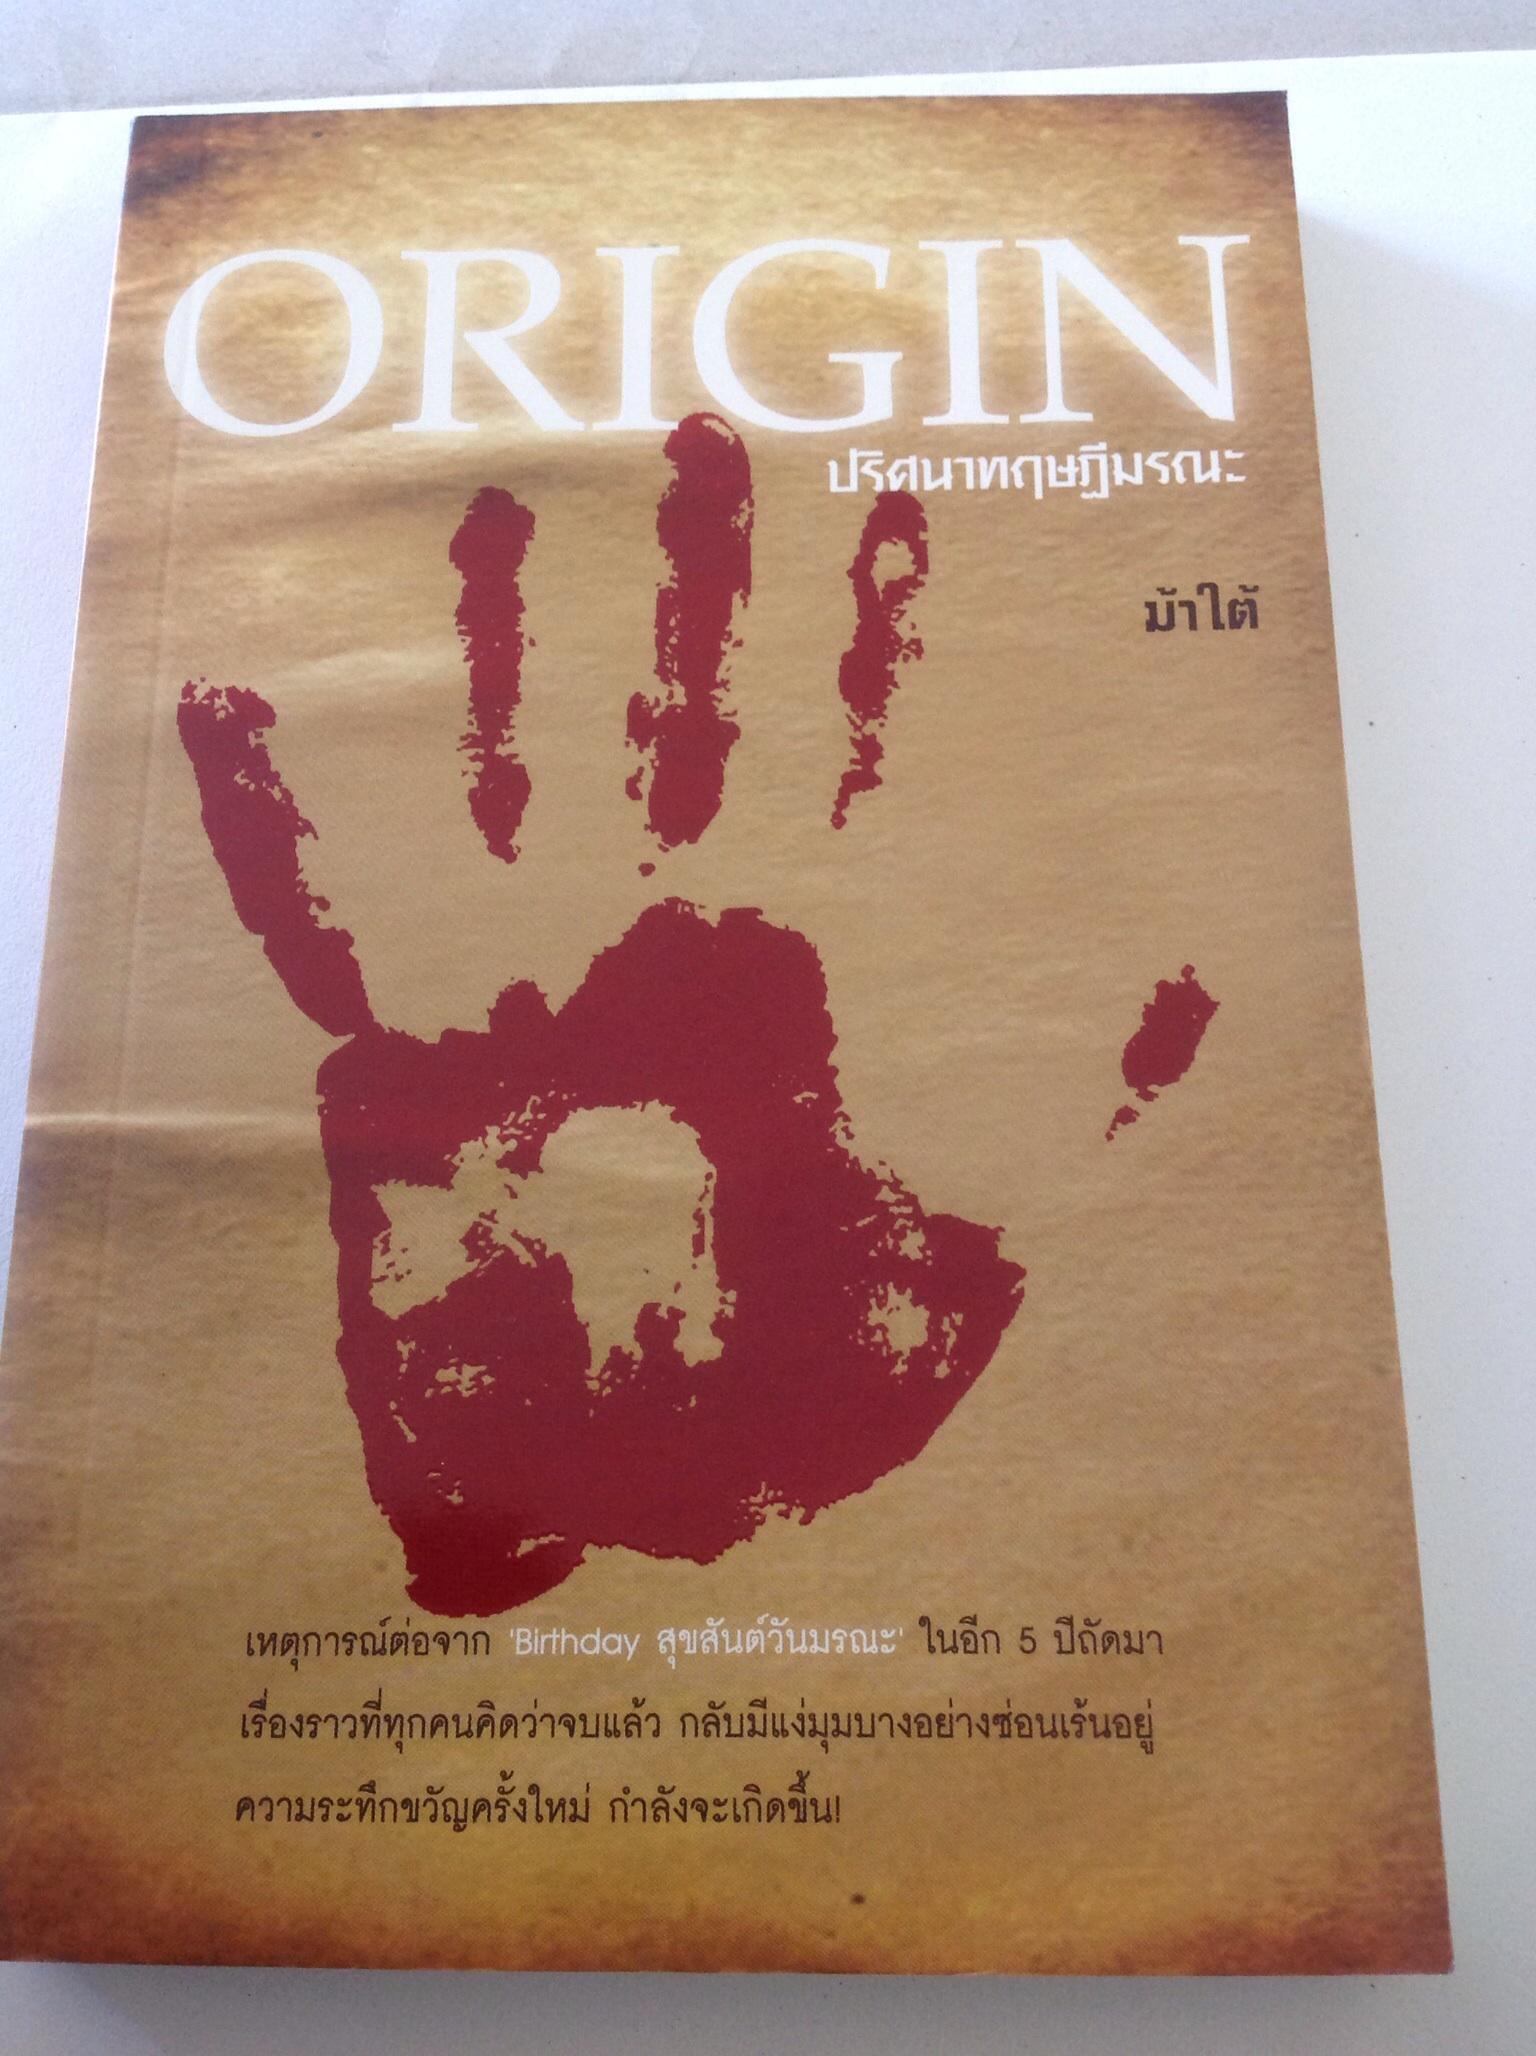 Origin ปริศนาทฤษฏีมรณะ